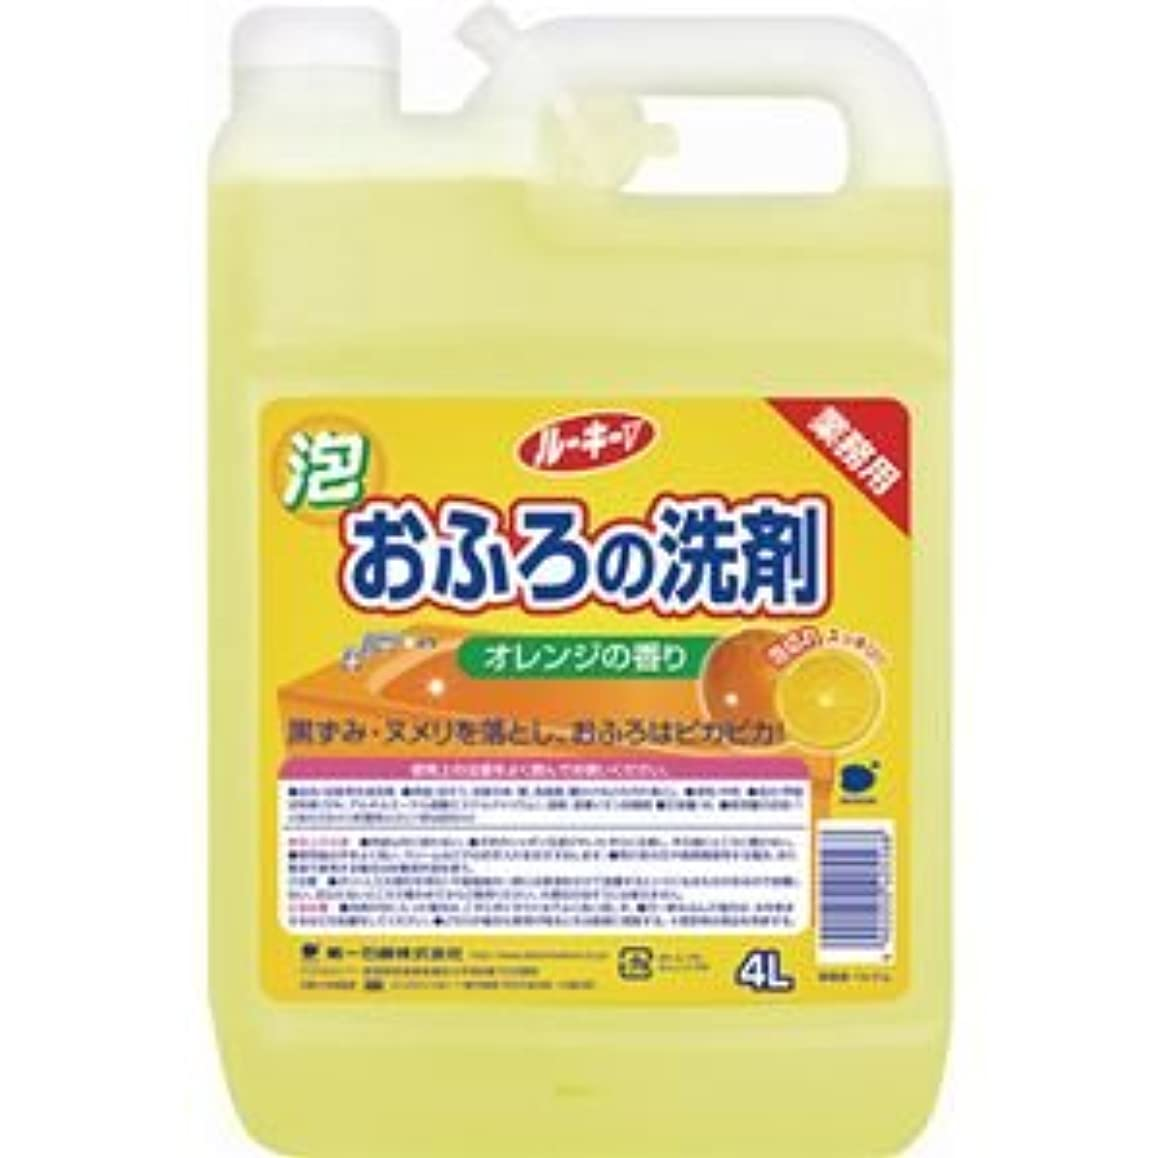 運動霧深い衝撃(まとめ) 第一石鹸 ルーキーV おふろ洗剤 業務用 4L 1本 【×5セット】